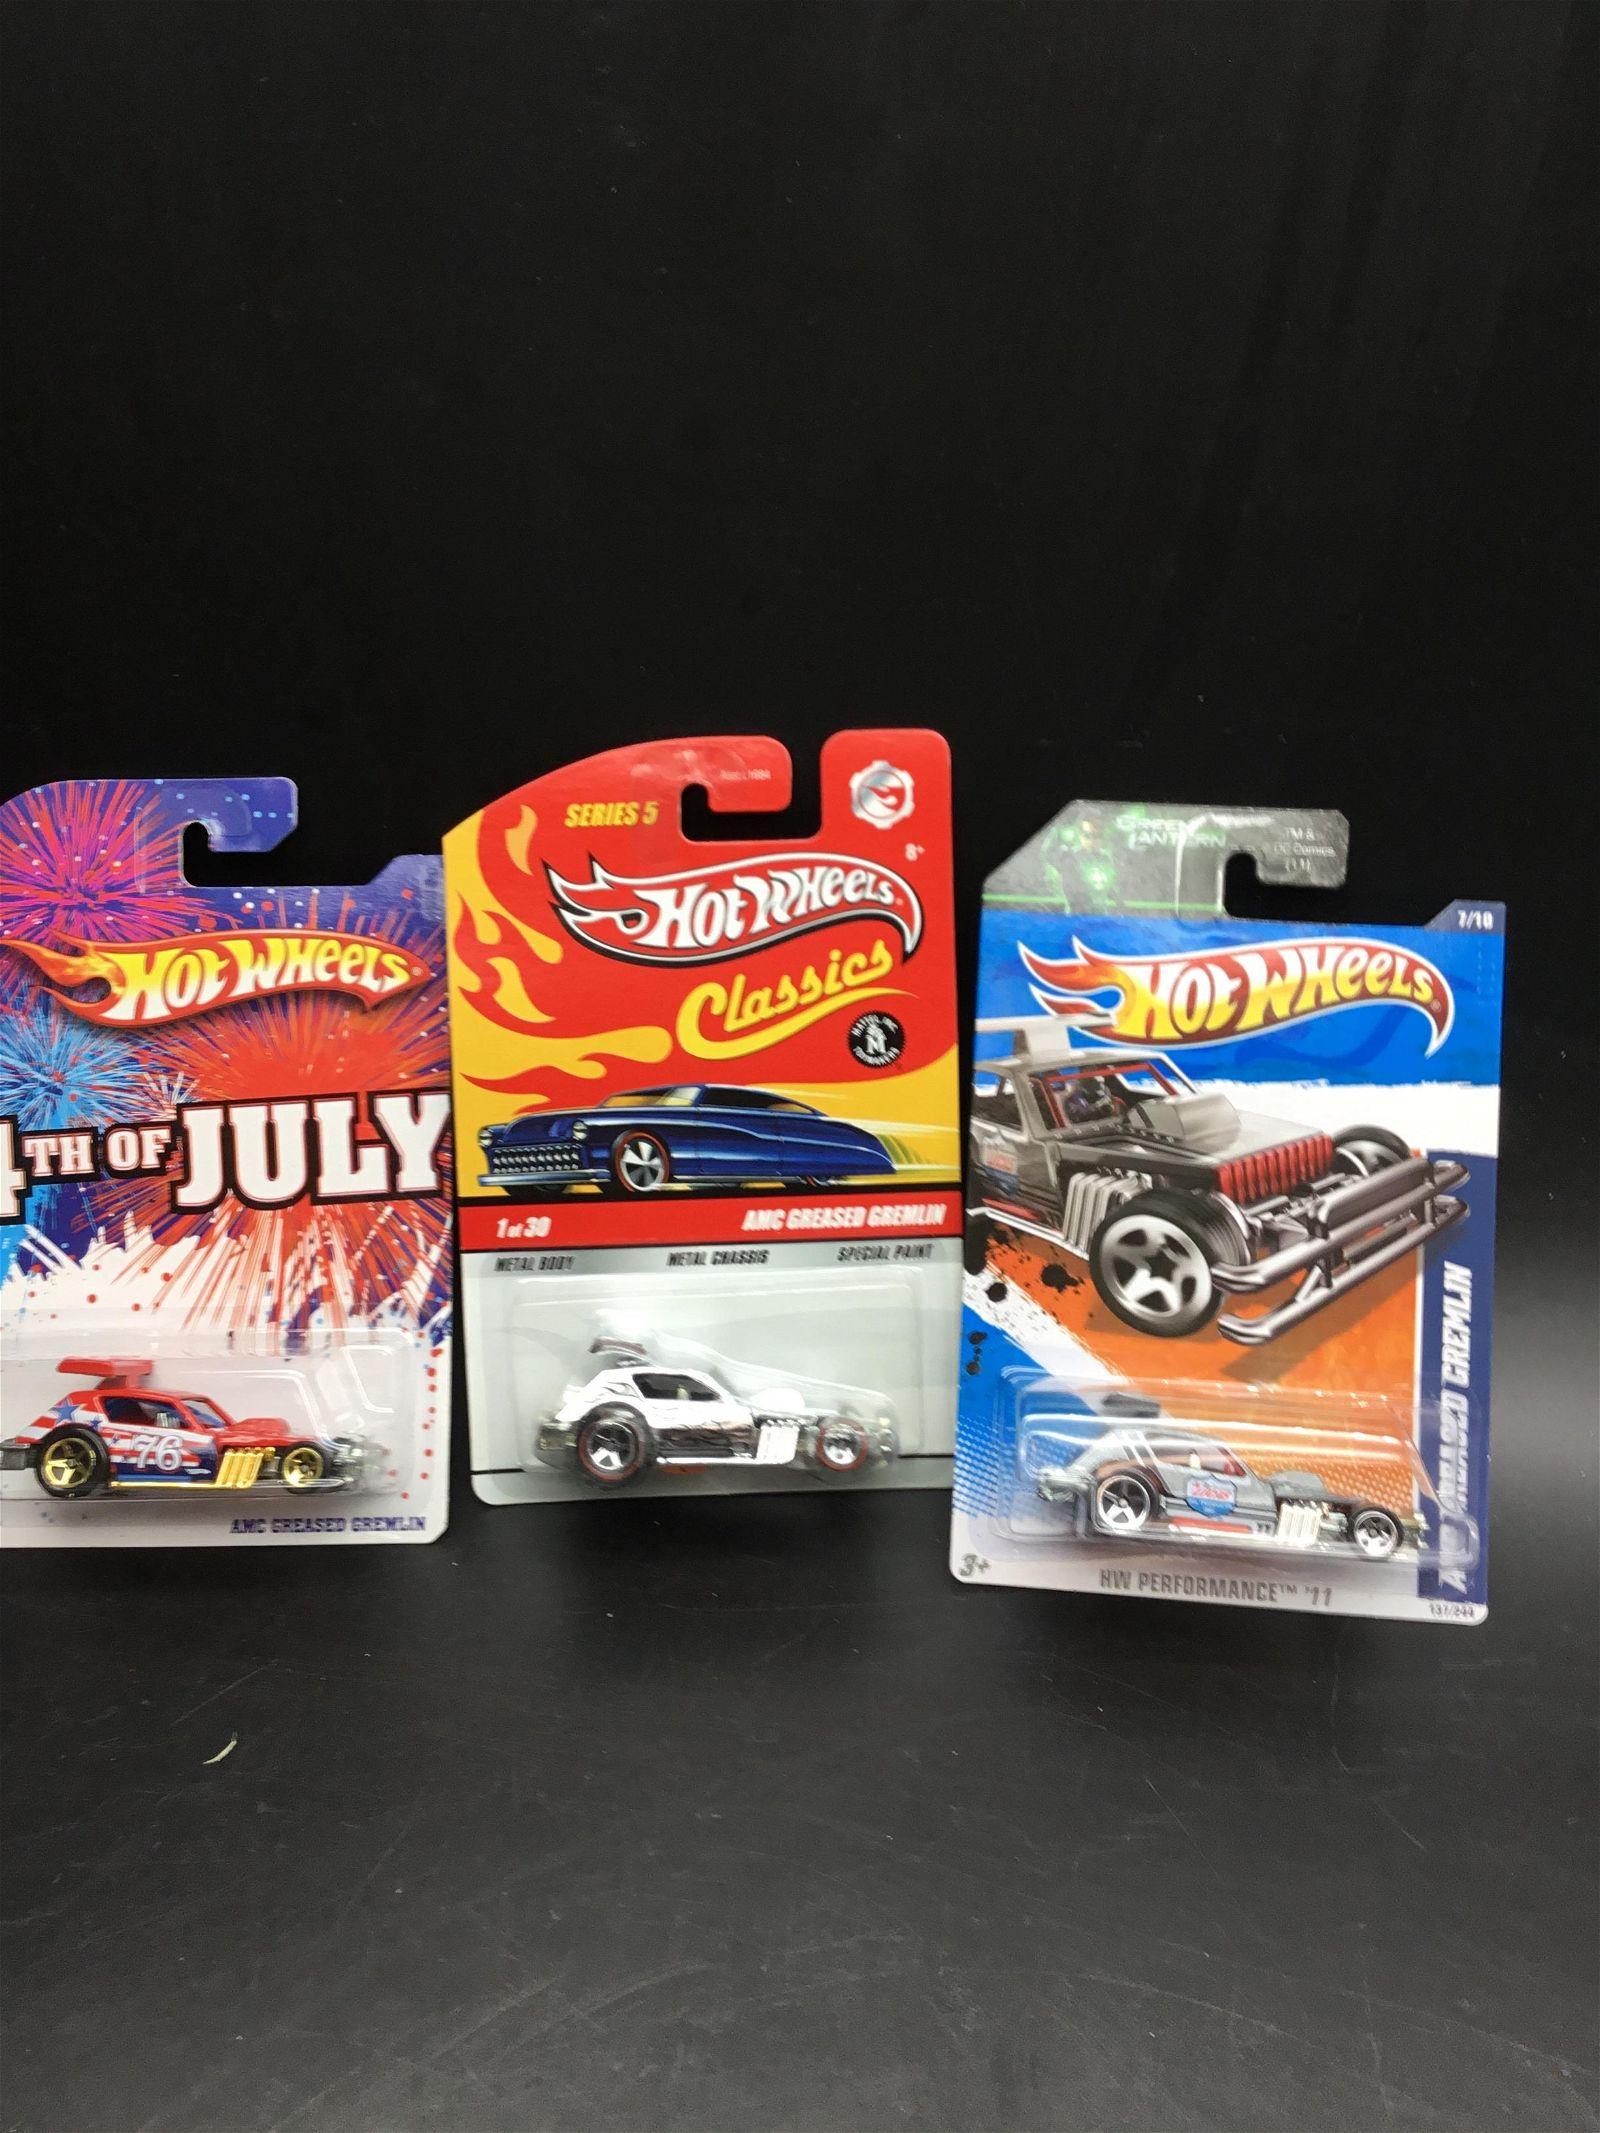 Set of 3 Hot Wheels AMC